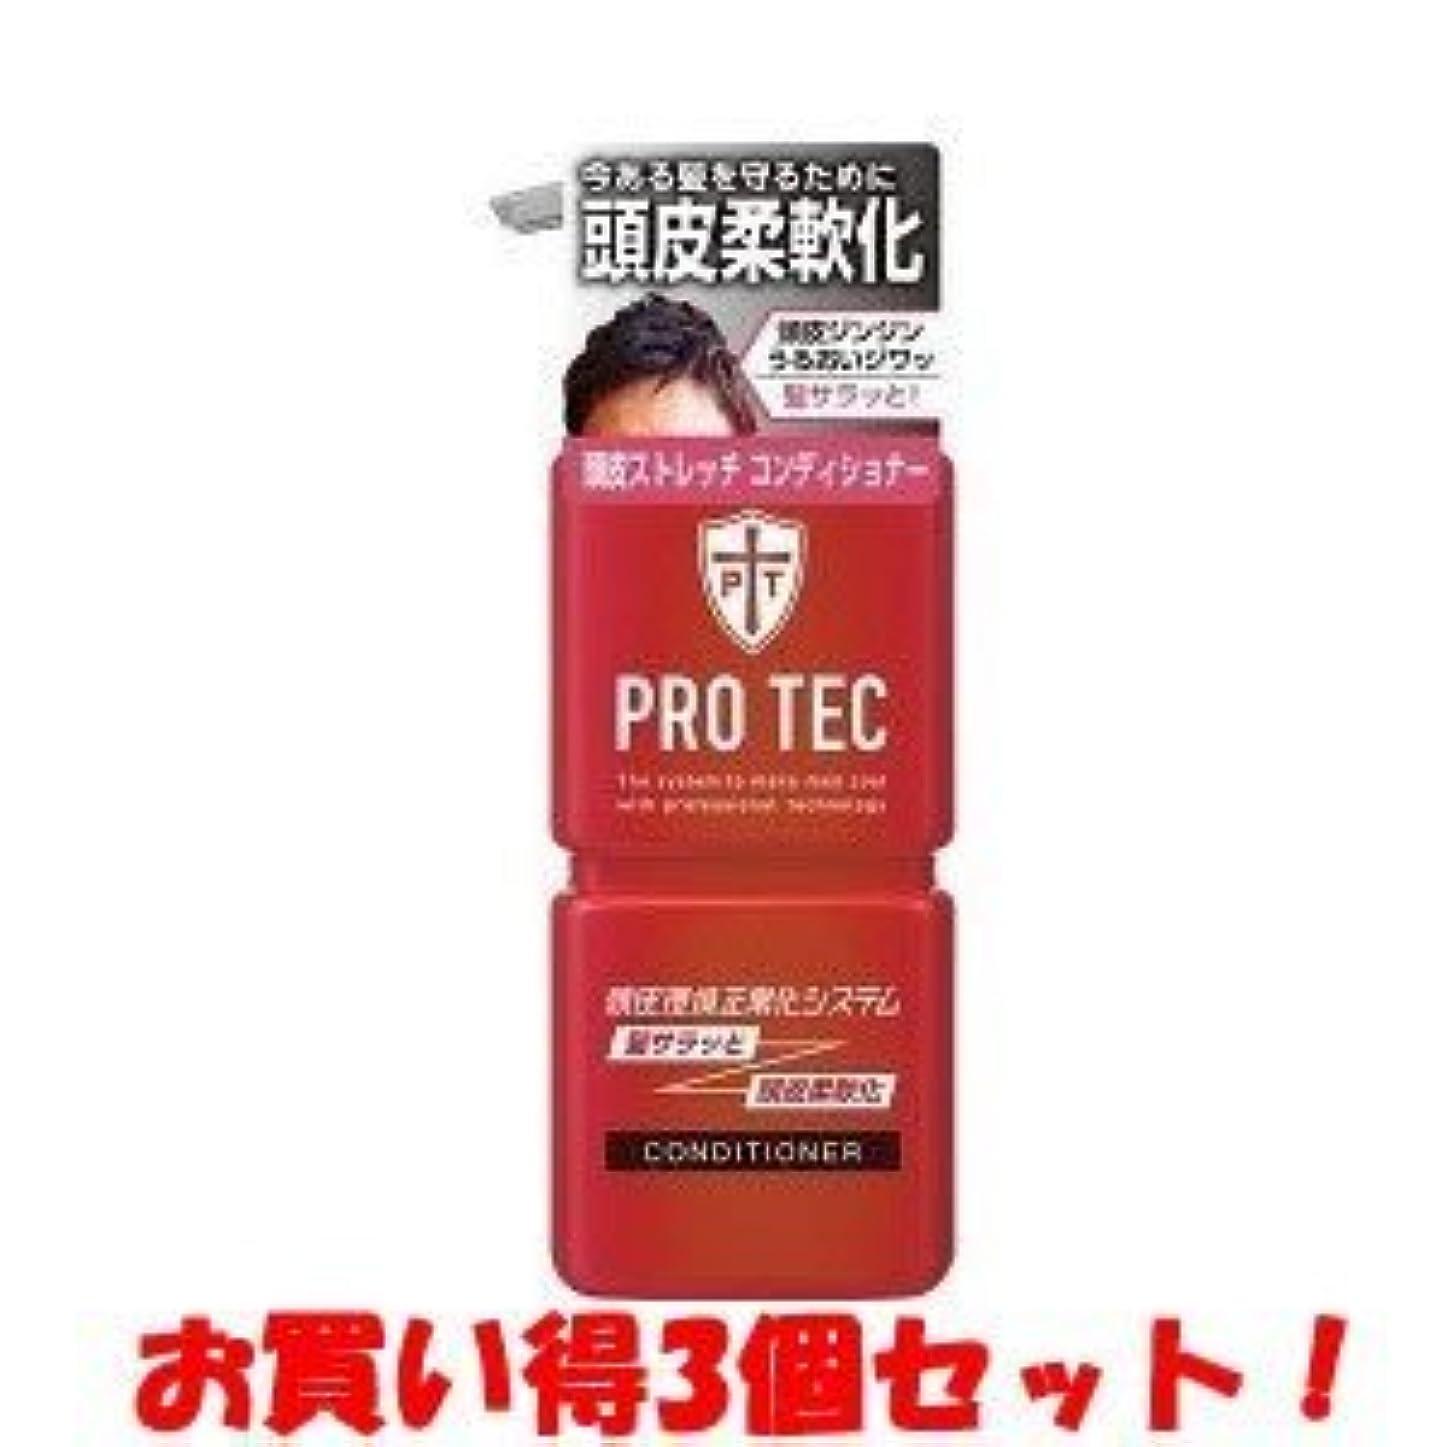 男やもめビームコウモリ(ライオン)PRO TEC(プロテク) 頭皮ストレッチ コンディショナー ポンプ 300g(お買い得3個セット)